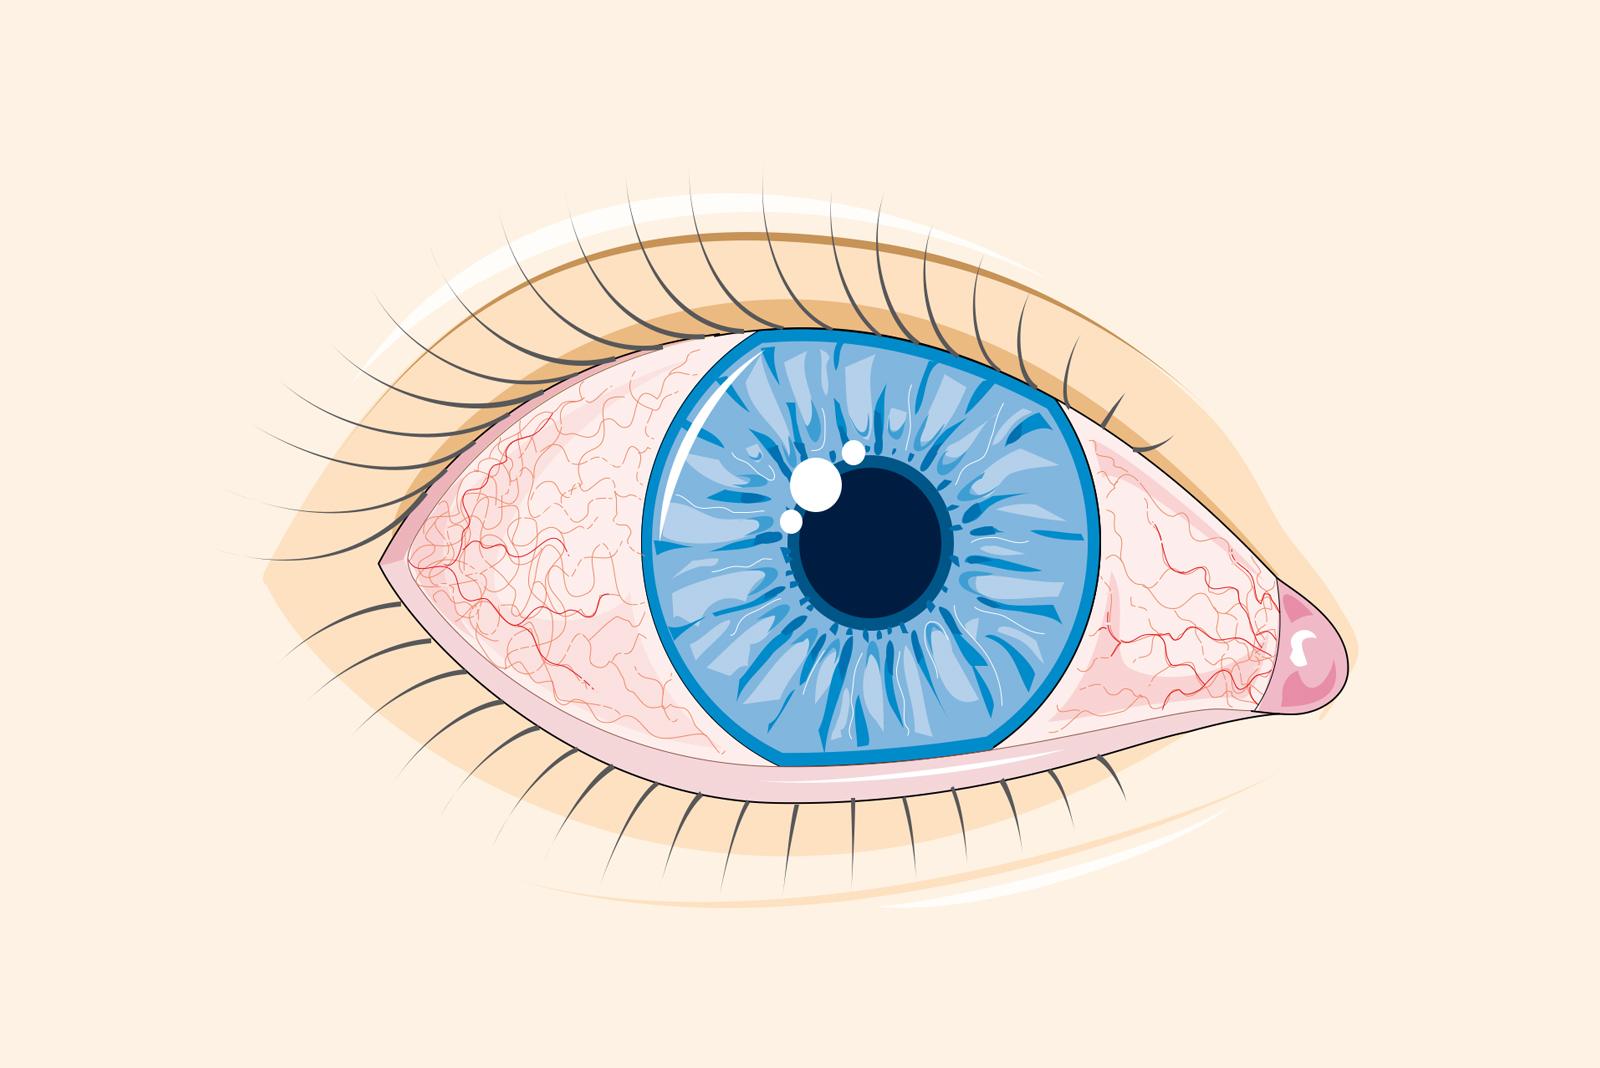 cauza pierderii vederii la un ochi viziune nemimetică